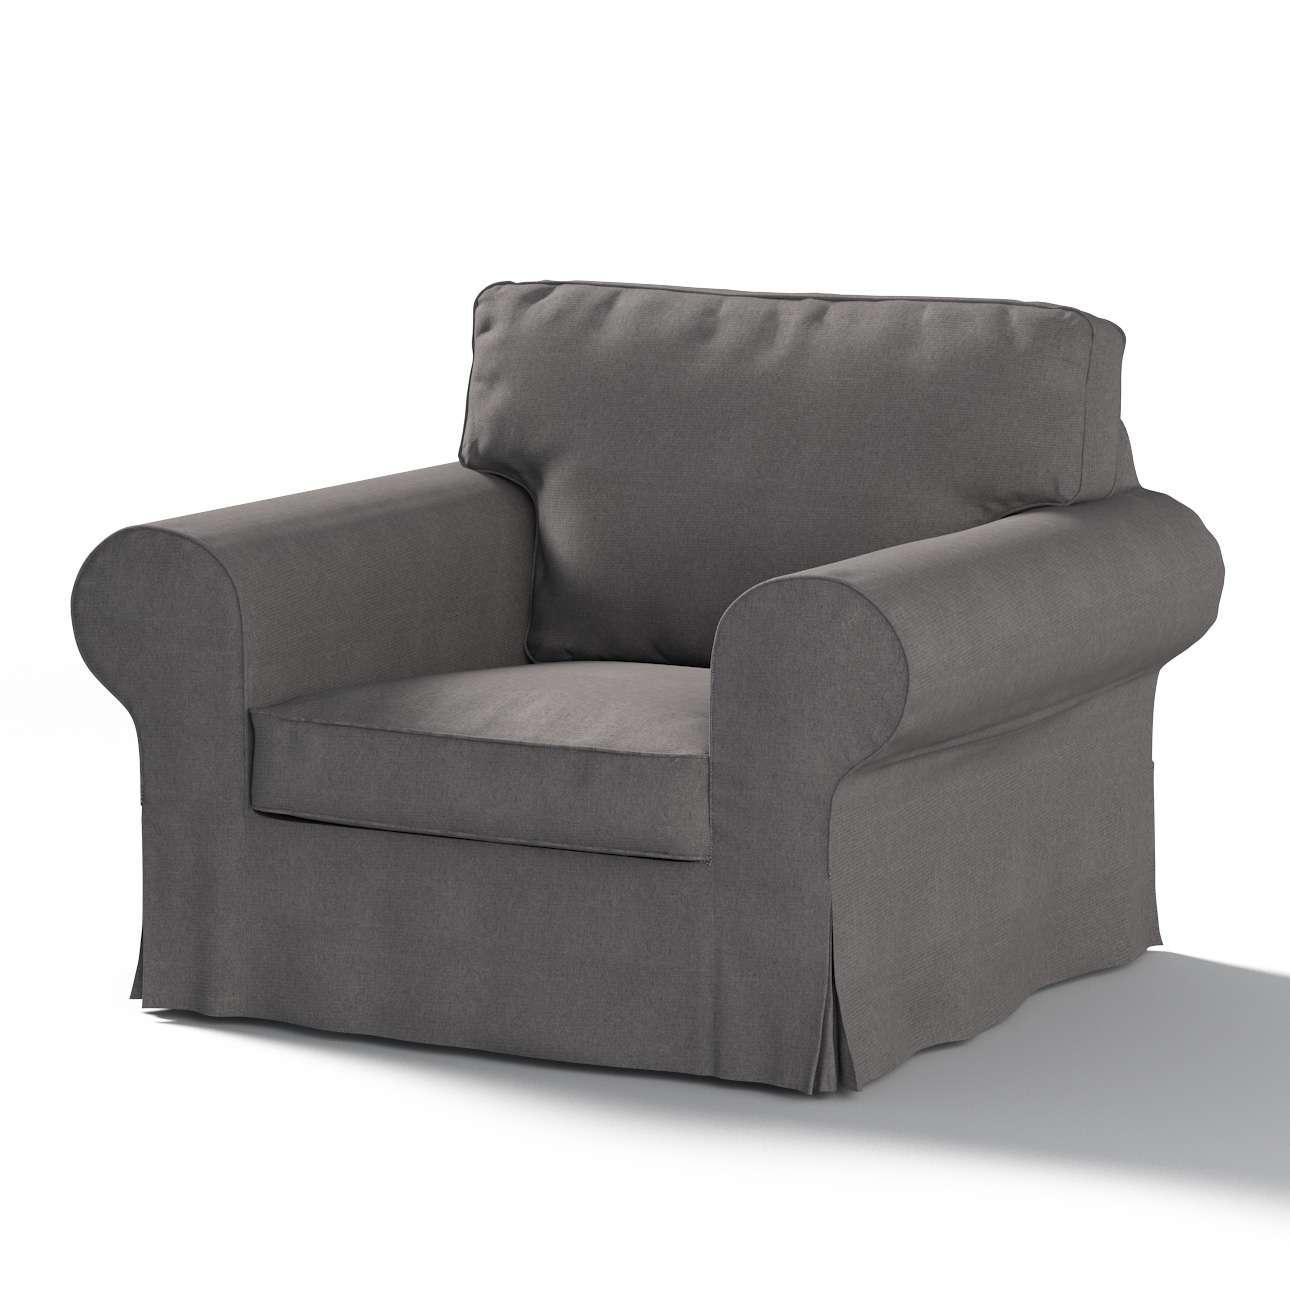 Bezug für Ektorp Sessel von der Kollektion Etna, Stoff: 705-35